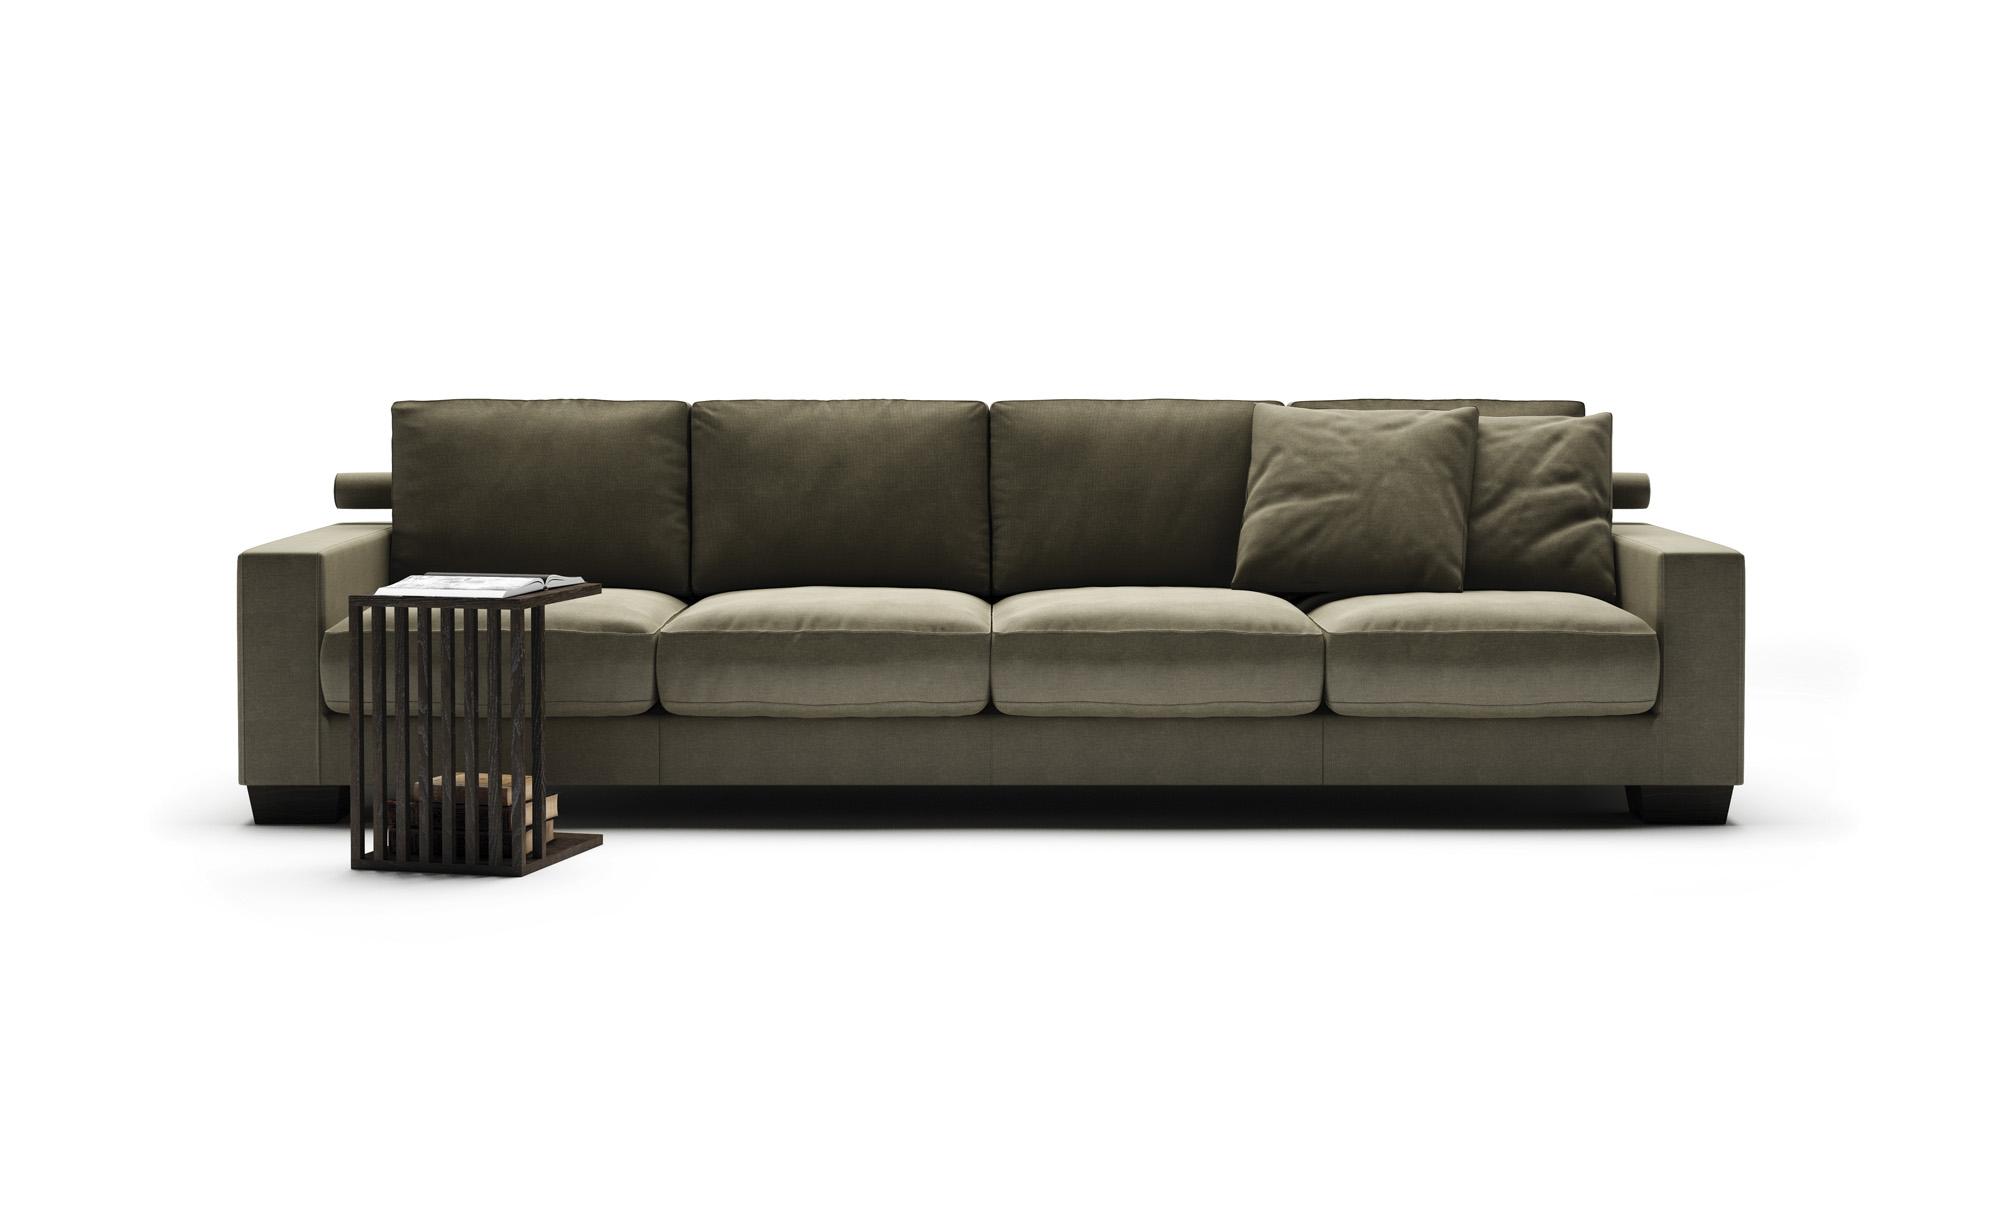 designer sofas and couches sydney  melbourne  fanuli furniture - status sofa